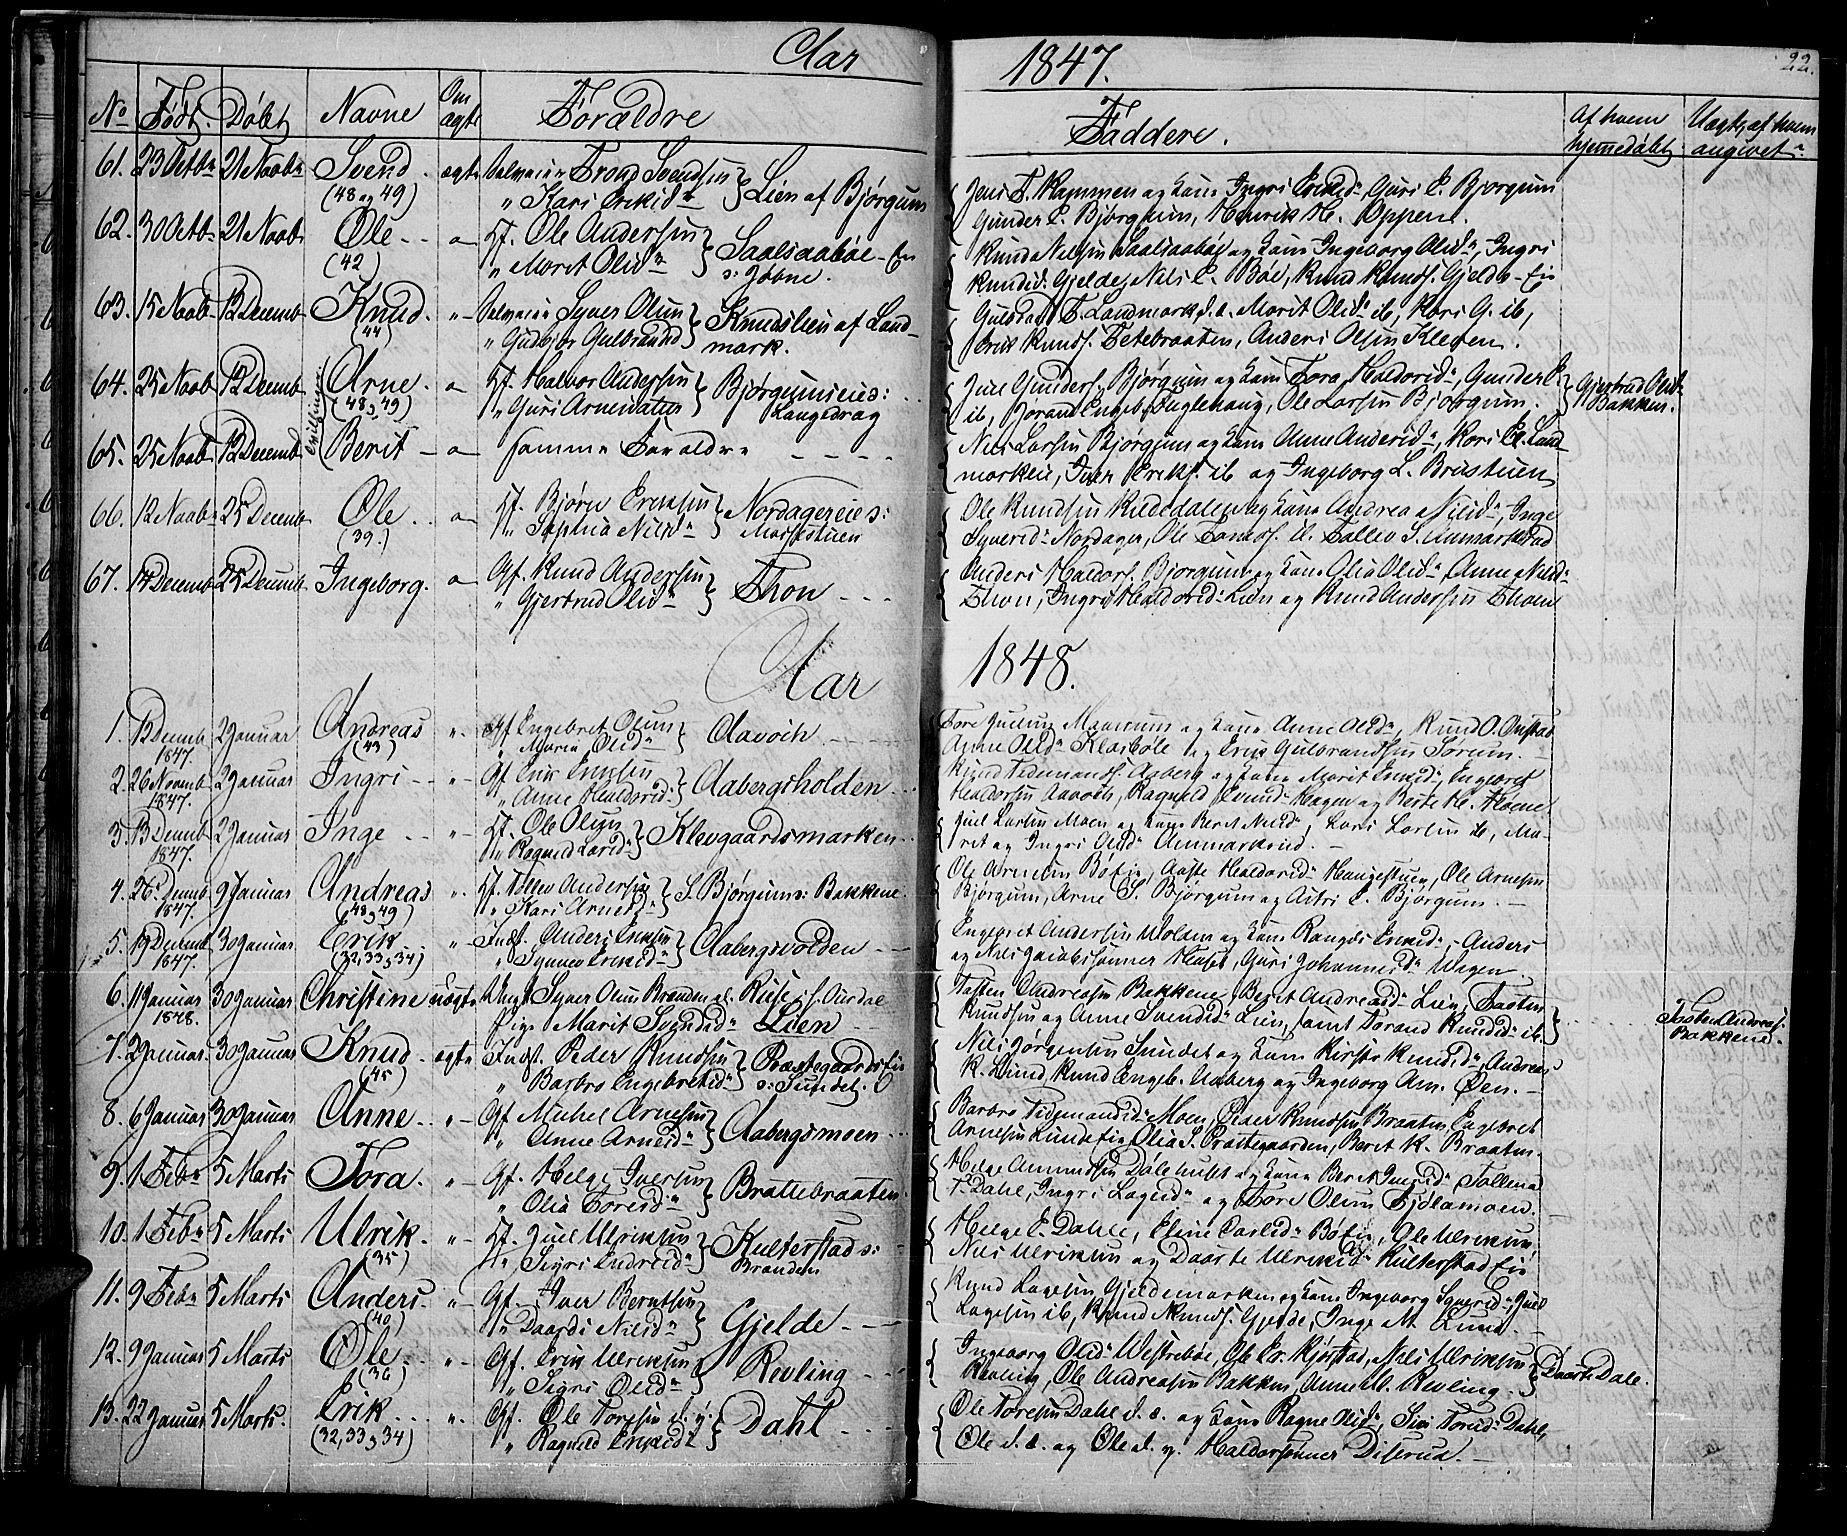 SAH, Nord-Aurdal prestekontor, Klokkerbok nr. 2, 1842-1877, s. 22